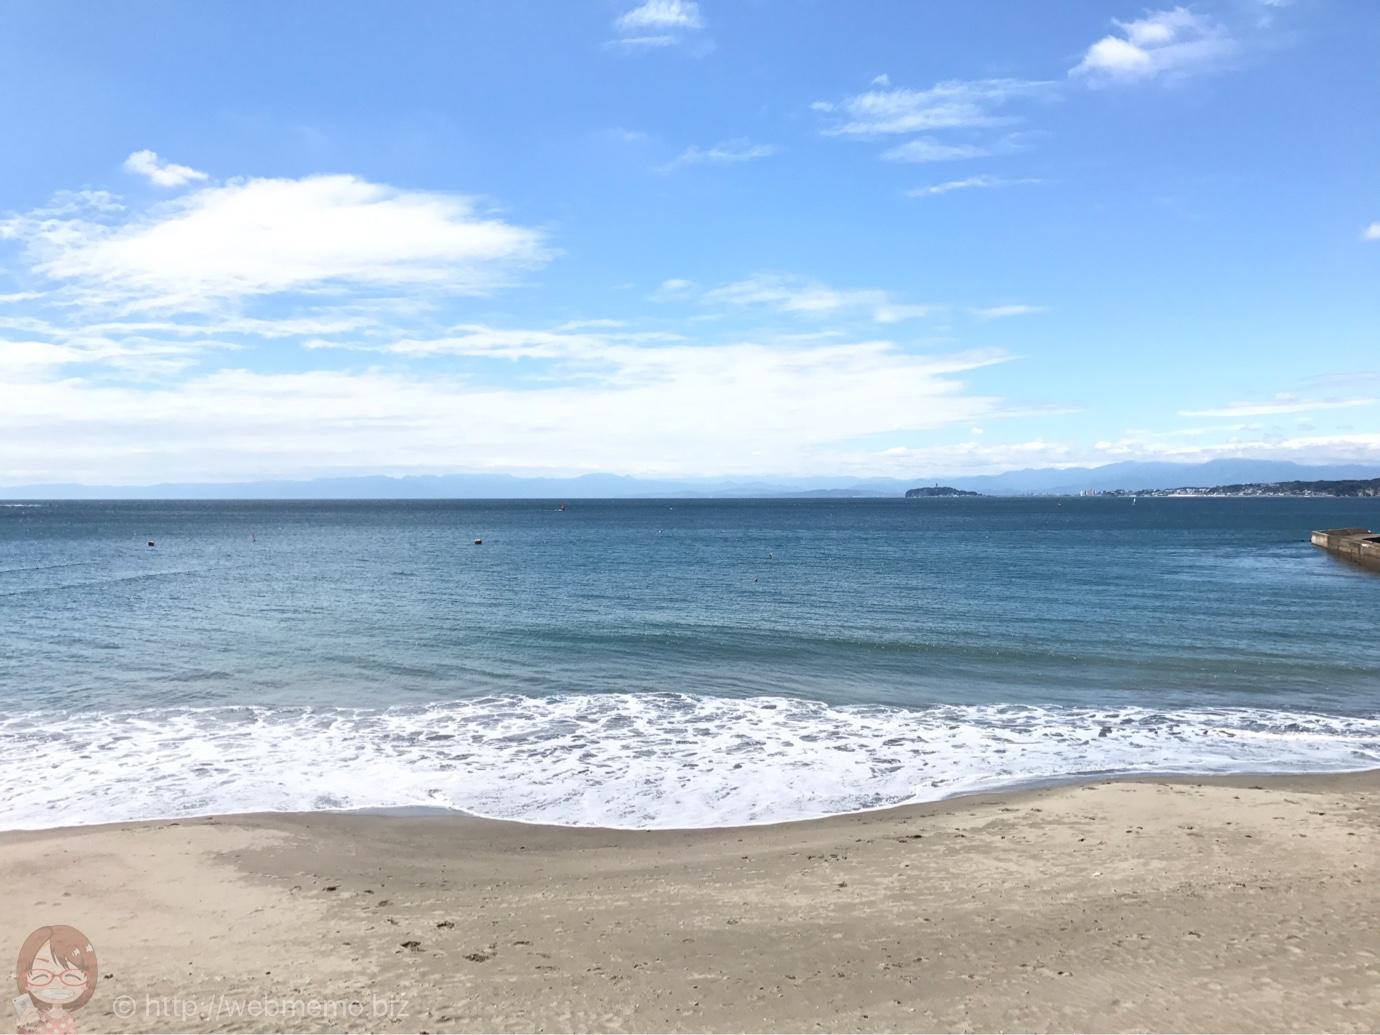 カボンから見える海と砂浜